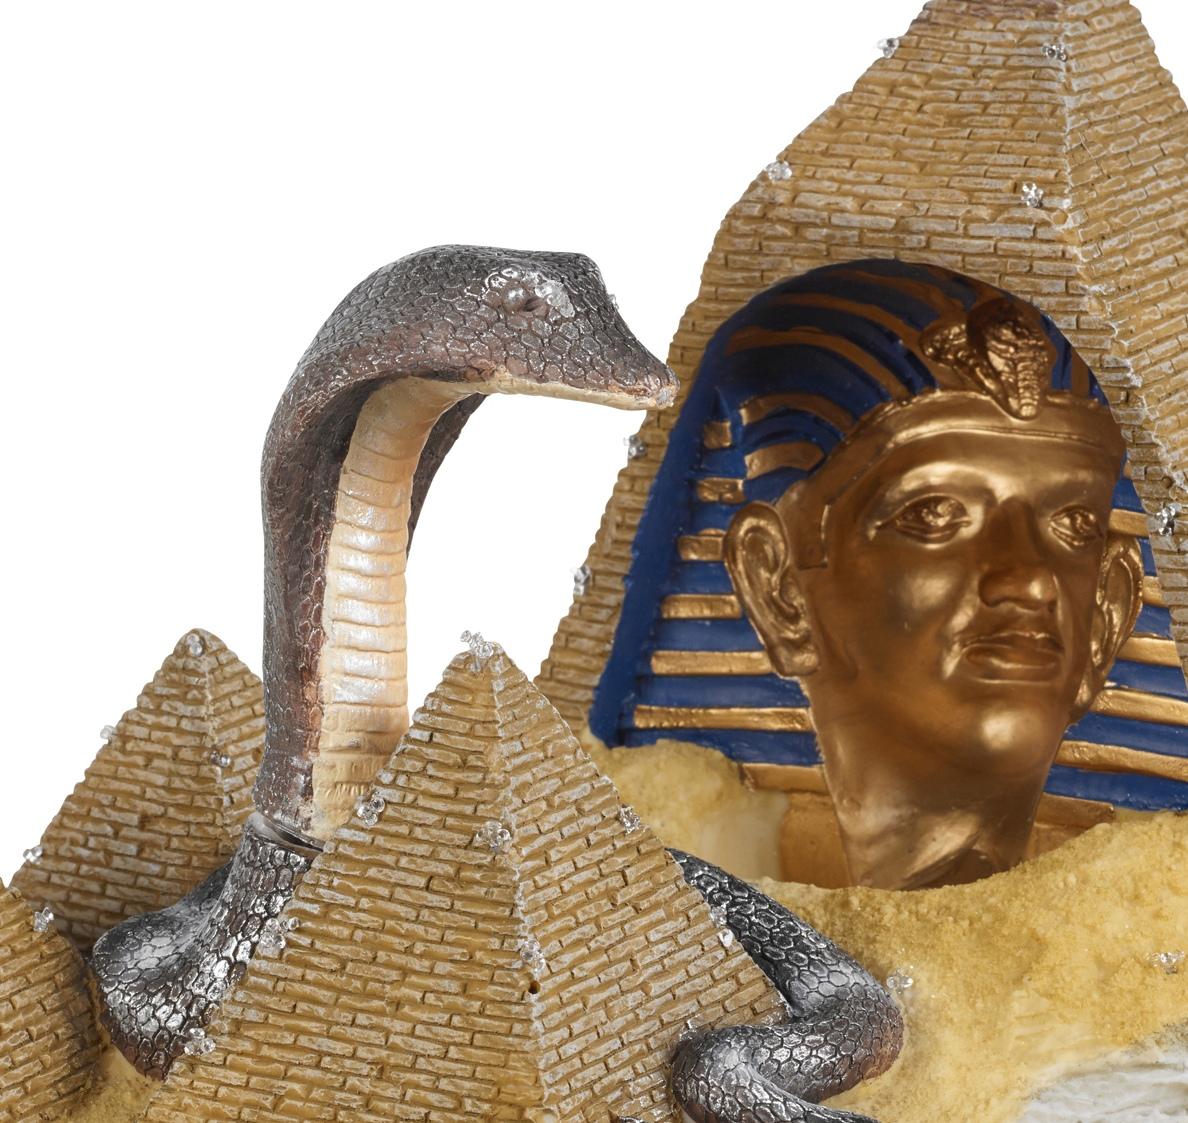 Exercise Bike Egypt: Light Up 3D Pharaoh's Promise 2 Model Of Egyptian Pyramids